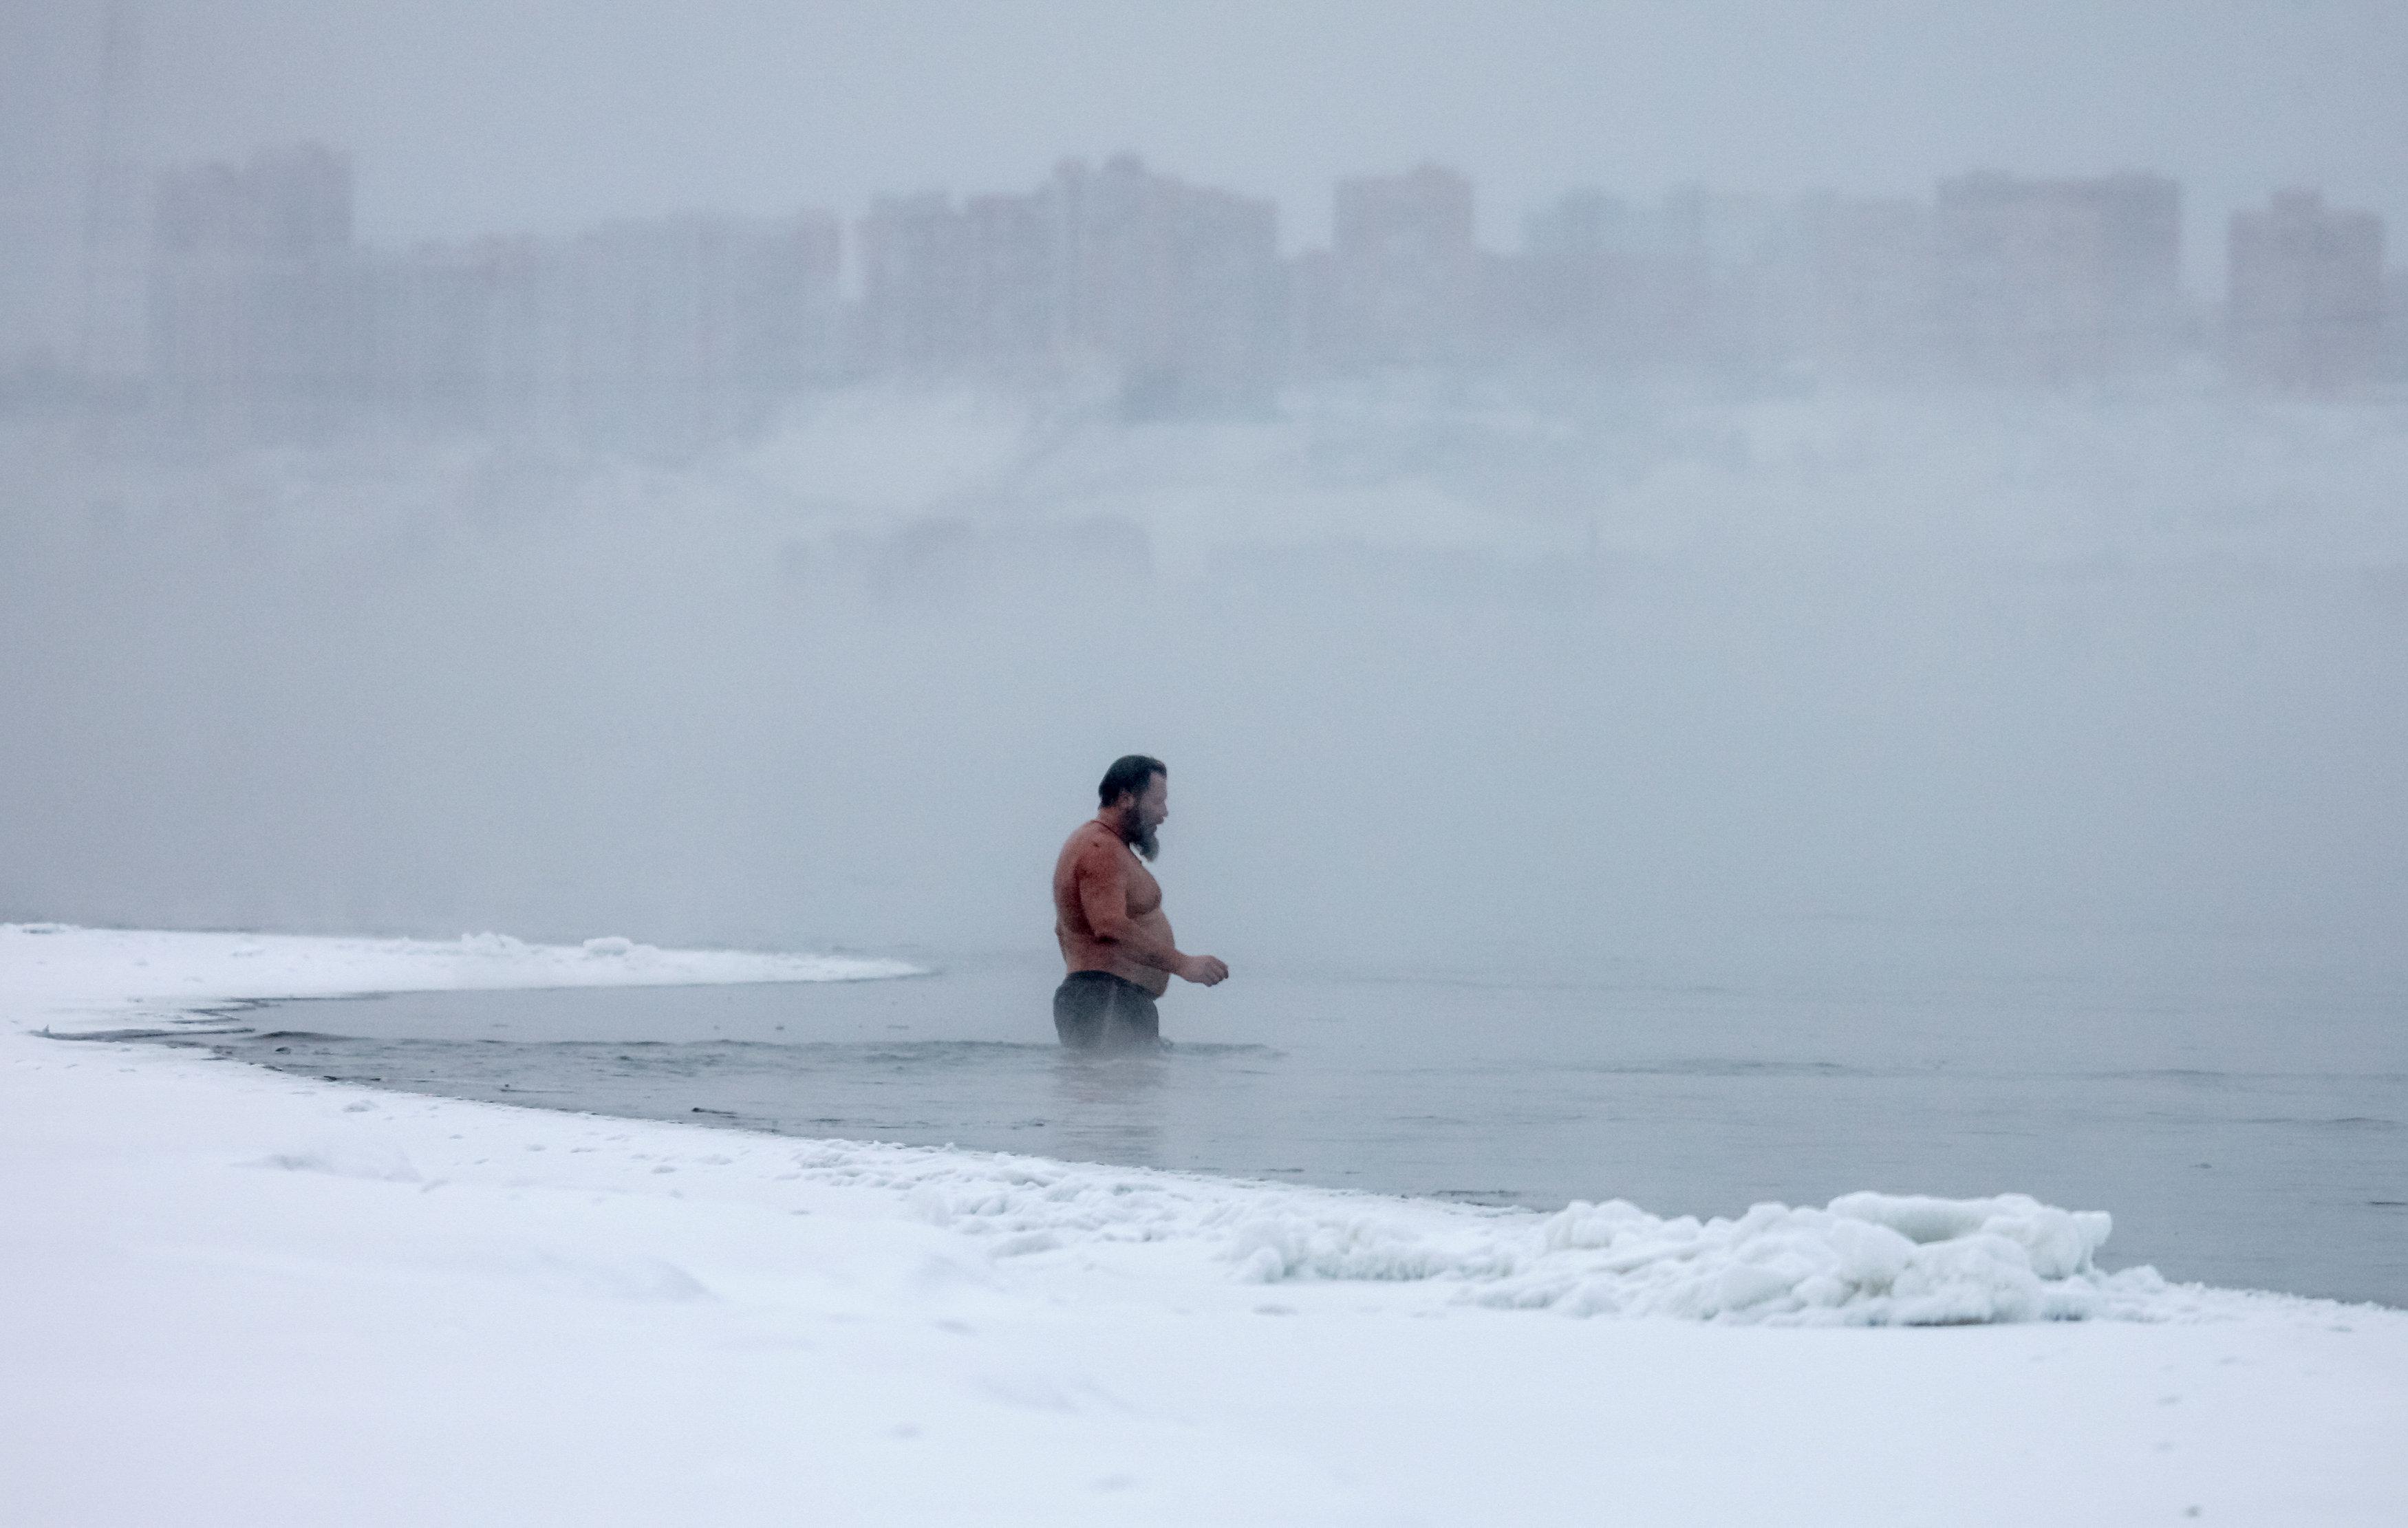 روس يتحدون الصقيع و يسبحون فى درجة حرارة تحت الصفر (1)